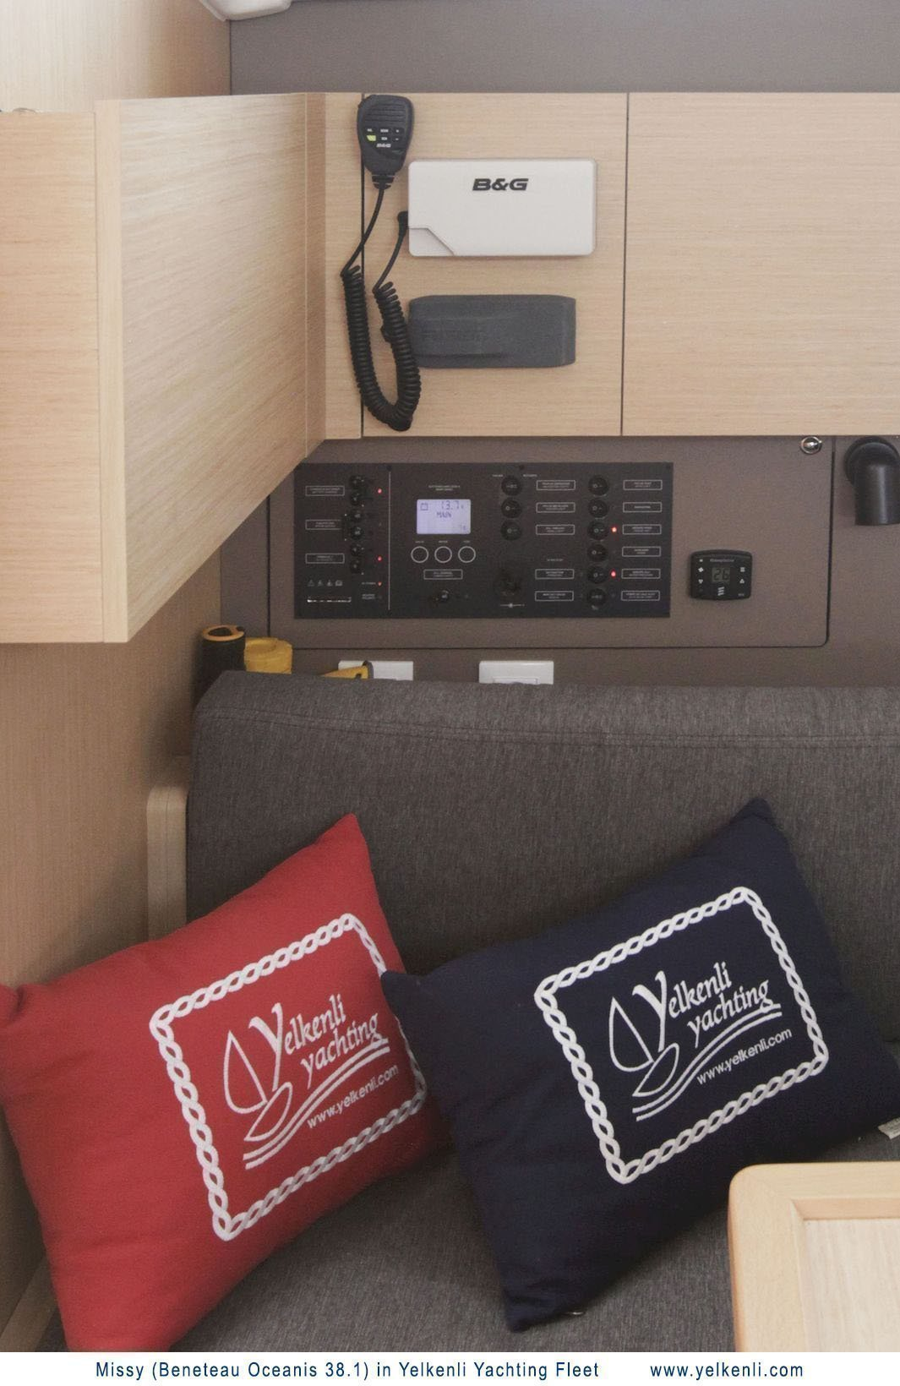 Oceanis 38.1 (Missy) VHF Controls - 12